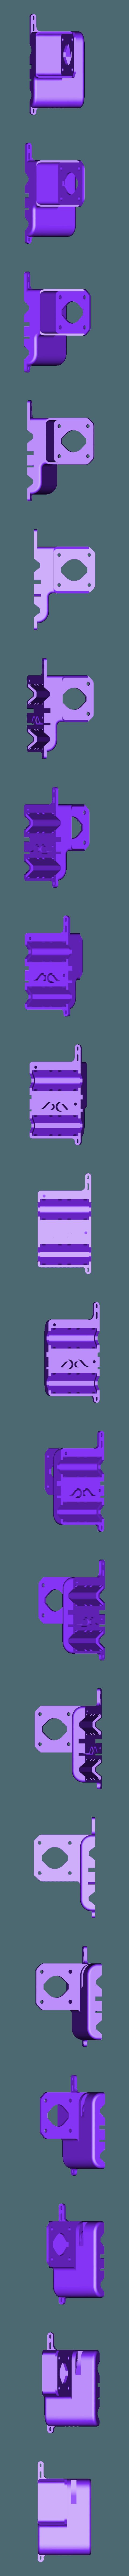 Titan_AM8_Carriage.stl Télécharger fichier STL gratuit Mise à niveau de l'extrudeuse E3D Titan pour Anet A8 • Design imprimable en 3D, Slava_Z